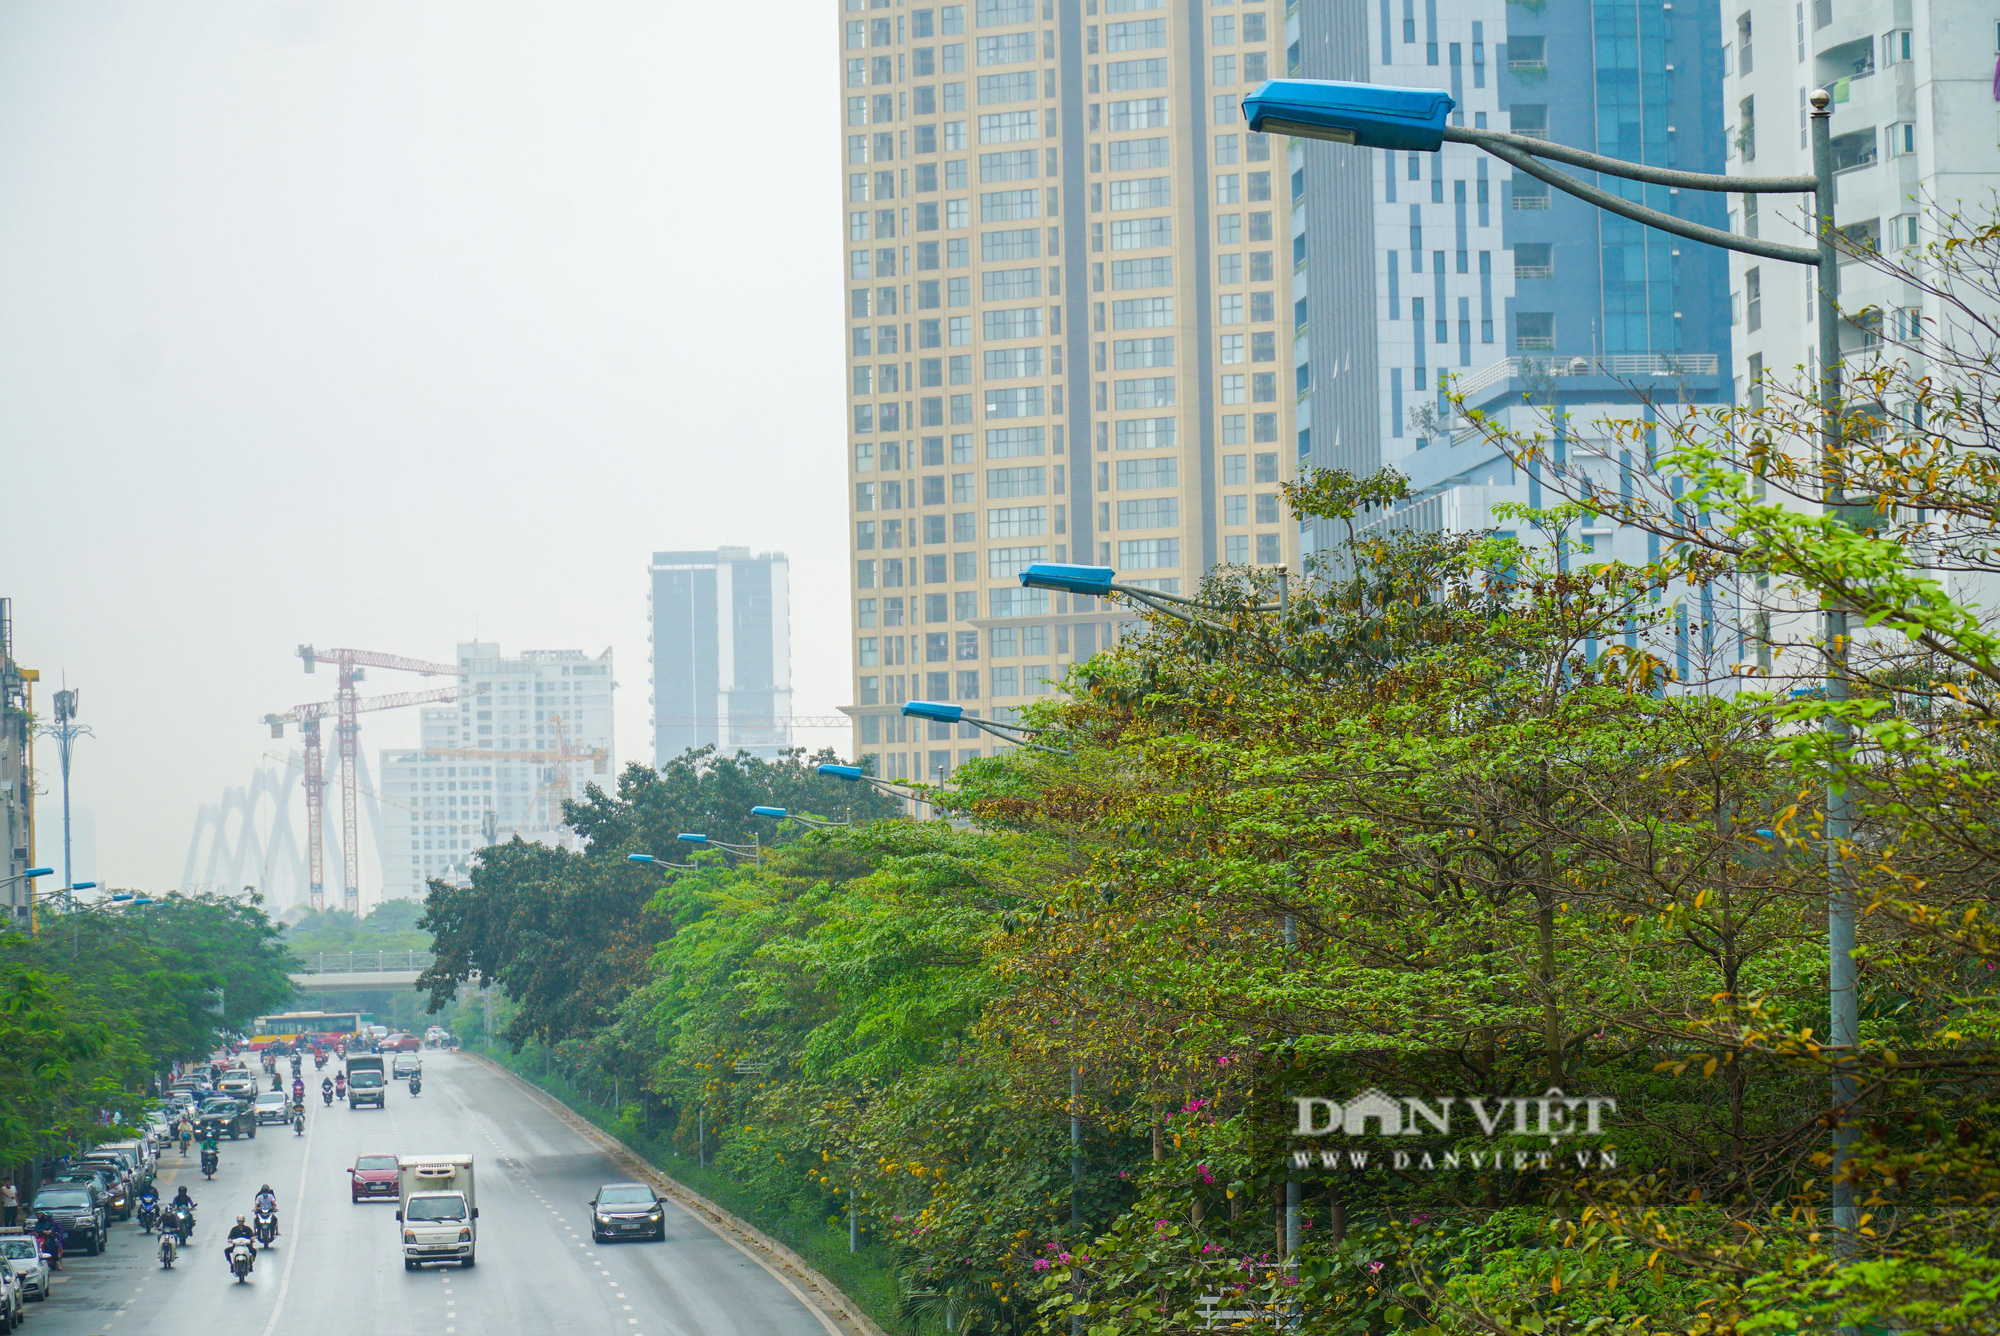 Điểm mặt những tuyến đường nhiều tầng cây xanh ở Hà Nội - Ảnh 6.